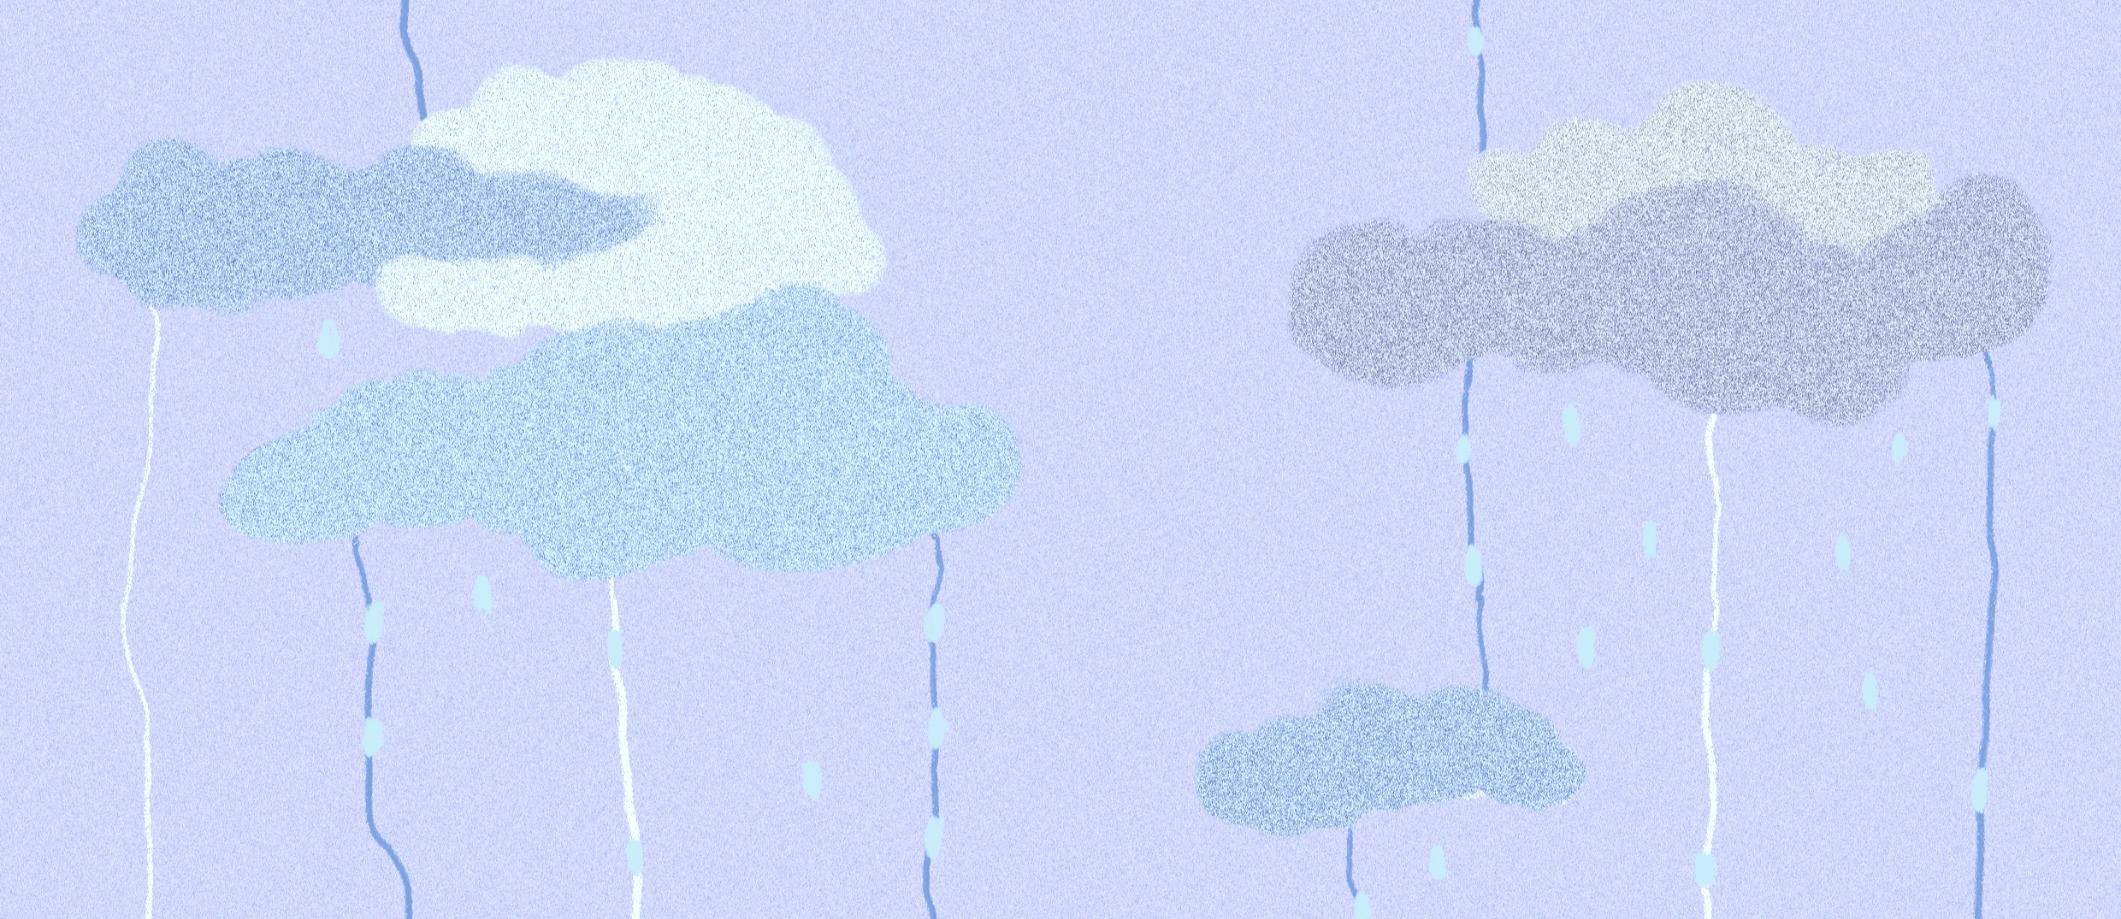 Clouds%201%20(1)_edited